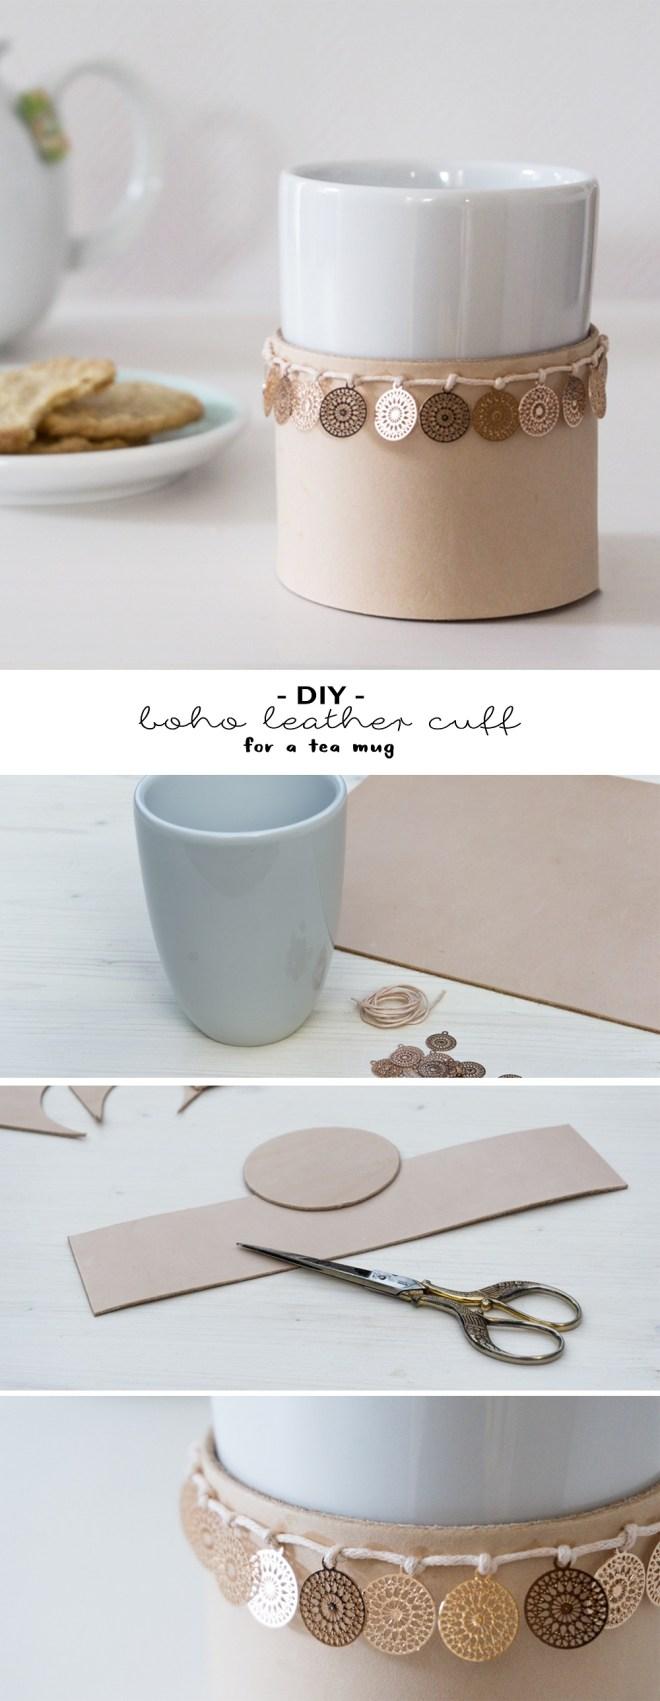 schereleimpapier DIY und Upcycling Blog aus Berlin - kreative Tutorials für Geschenke, Möbel und Deko zum Basteln -Basteln mit Leder: DIY Boho Leder-Manschette für Teebecher